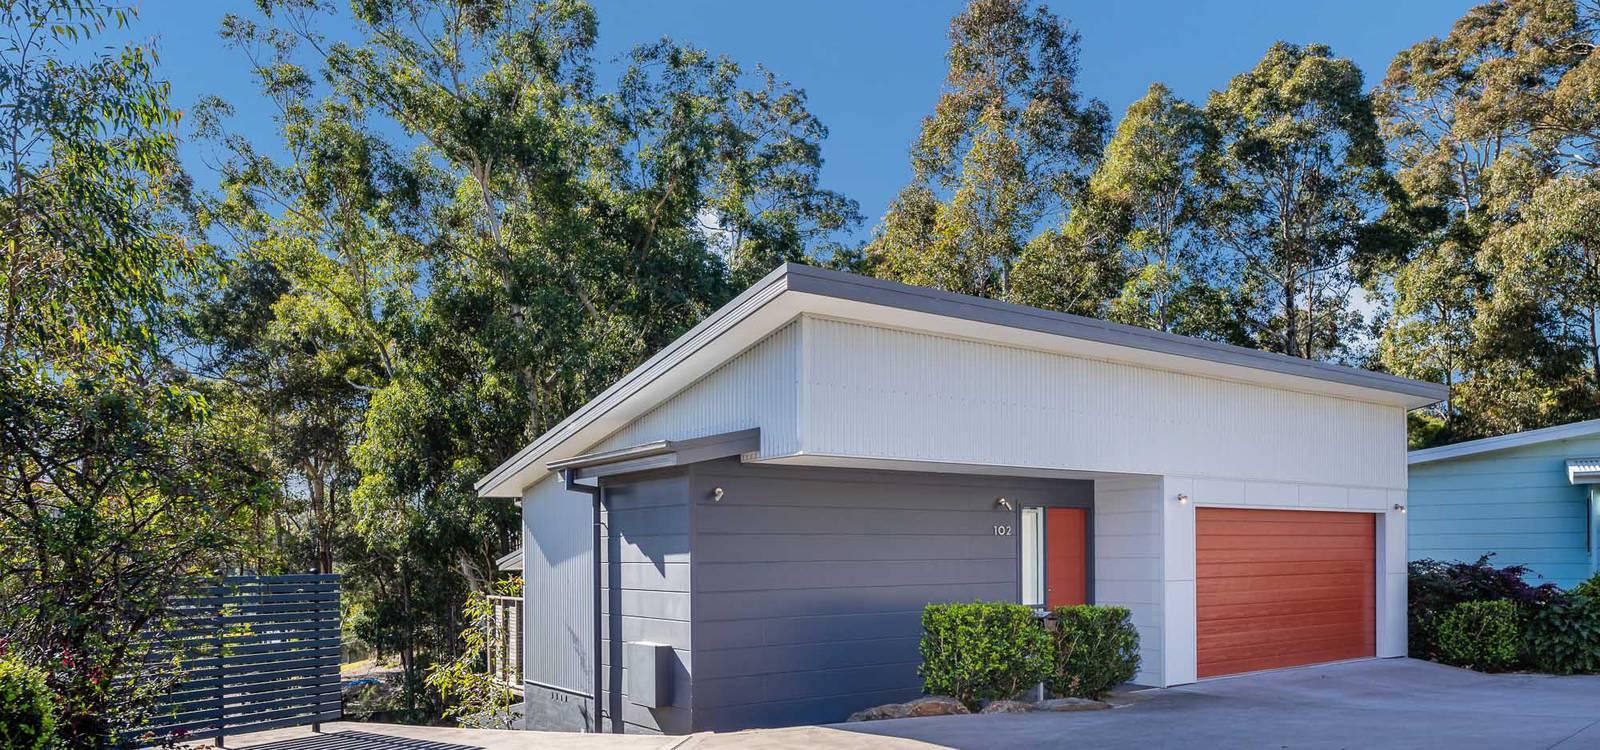 102 Carramar Drive MALUA BAY, NSW 2536 - photo 1